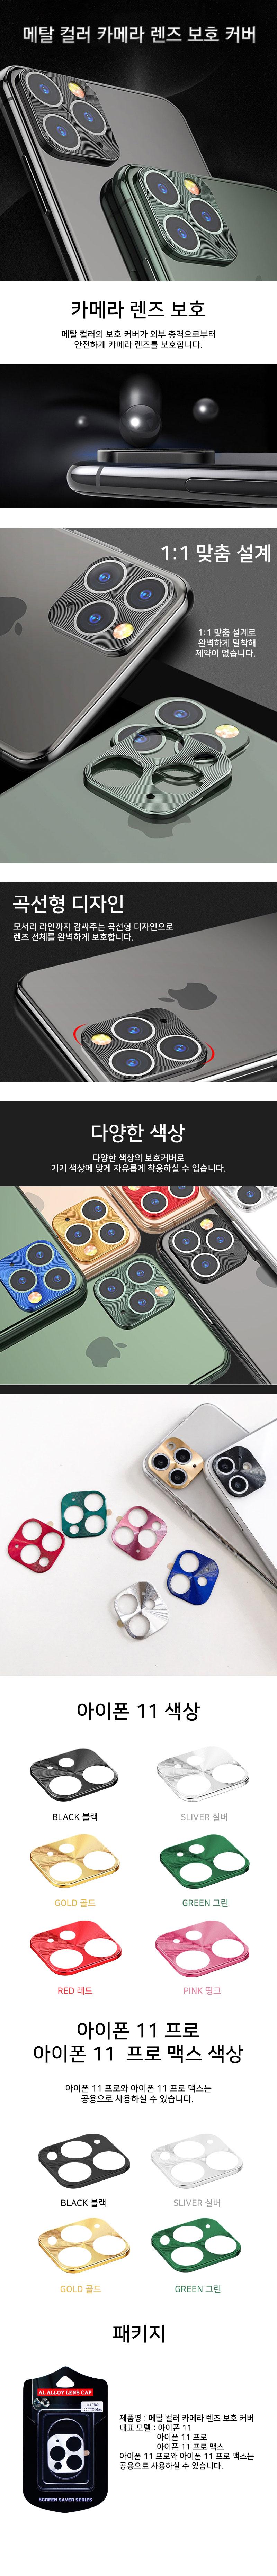 아이폰 11 프로 맥스 컬러 카메라 렌즈 보호 커버 - 제네시스, 11,800원, 필름/스킨, 기타 스마트폰